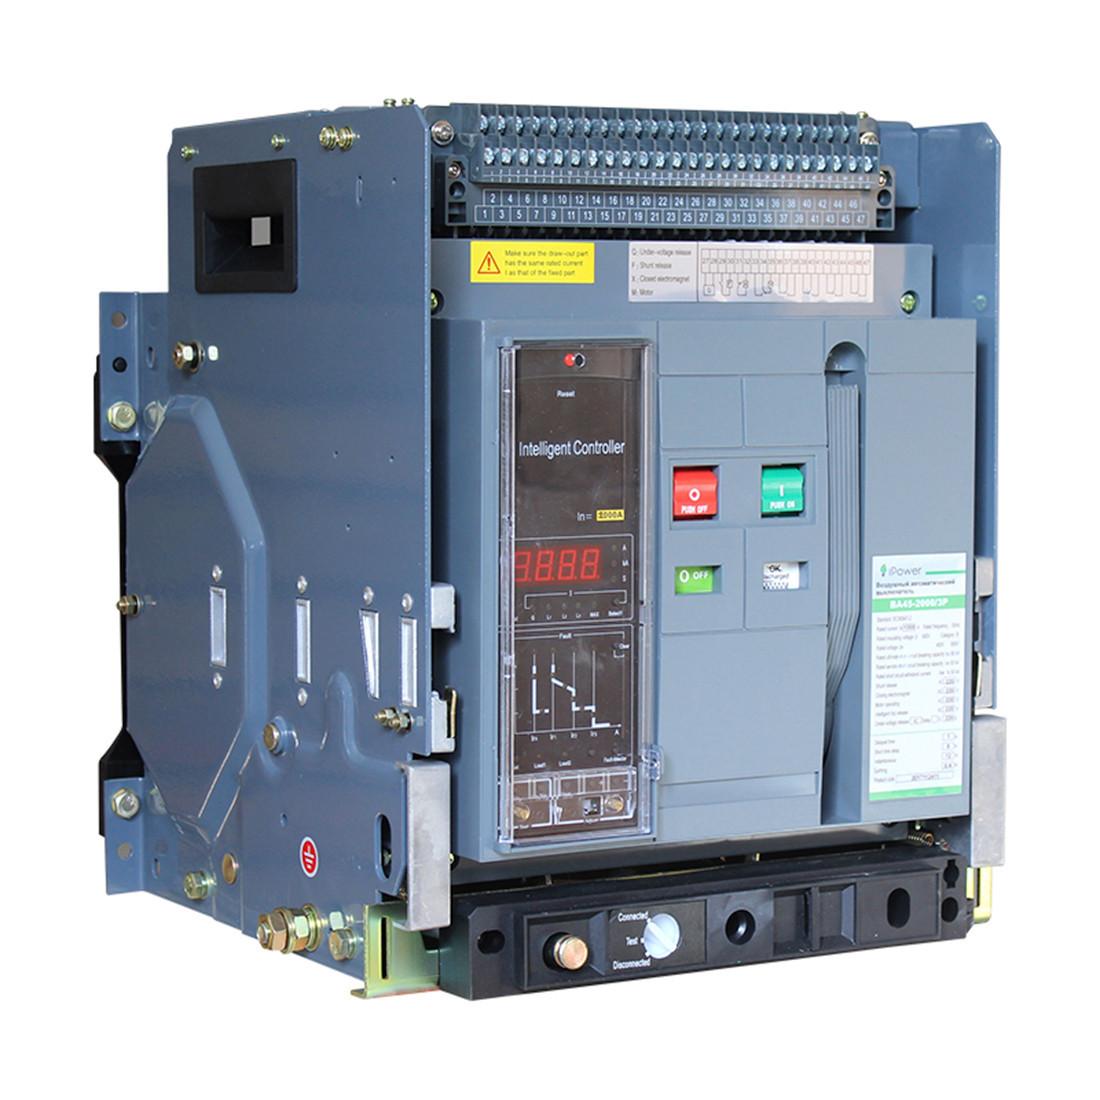 Автоматический выключатель выкатной iPower ВА45-3200 3P 2500А, 380/660 В, Кол-во полюсов: 3, хар. М, Защита: О